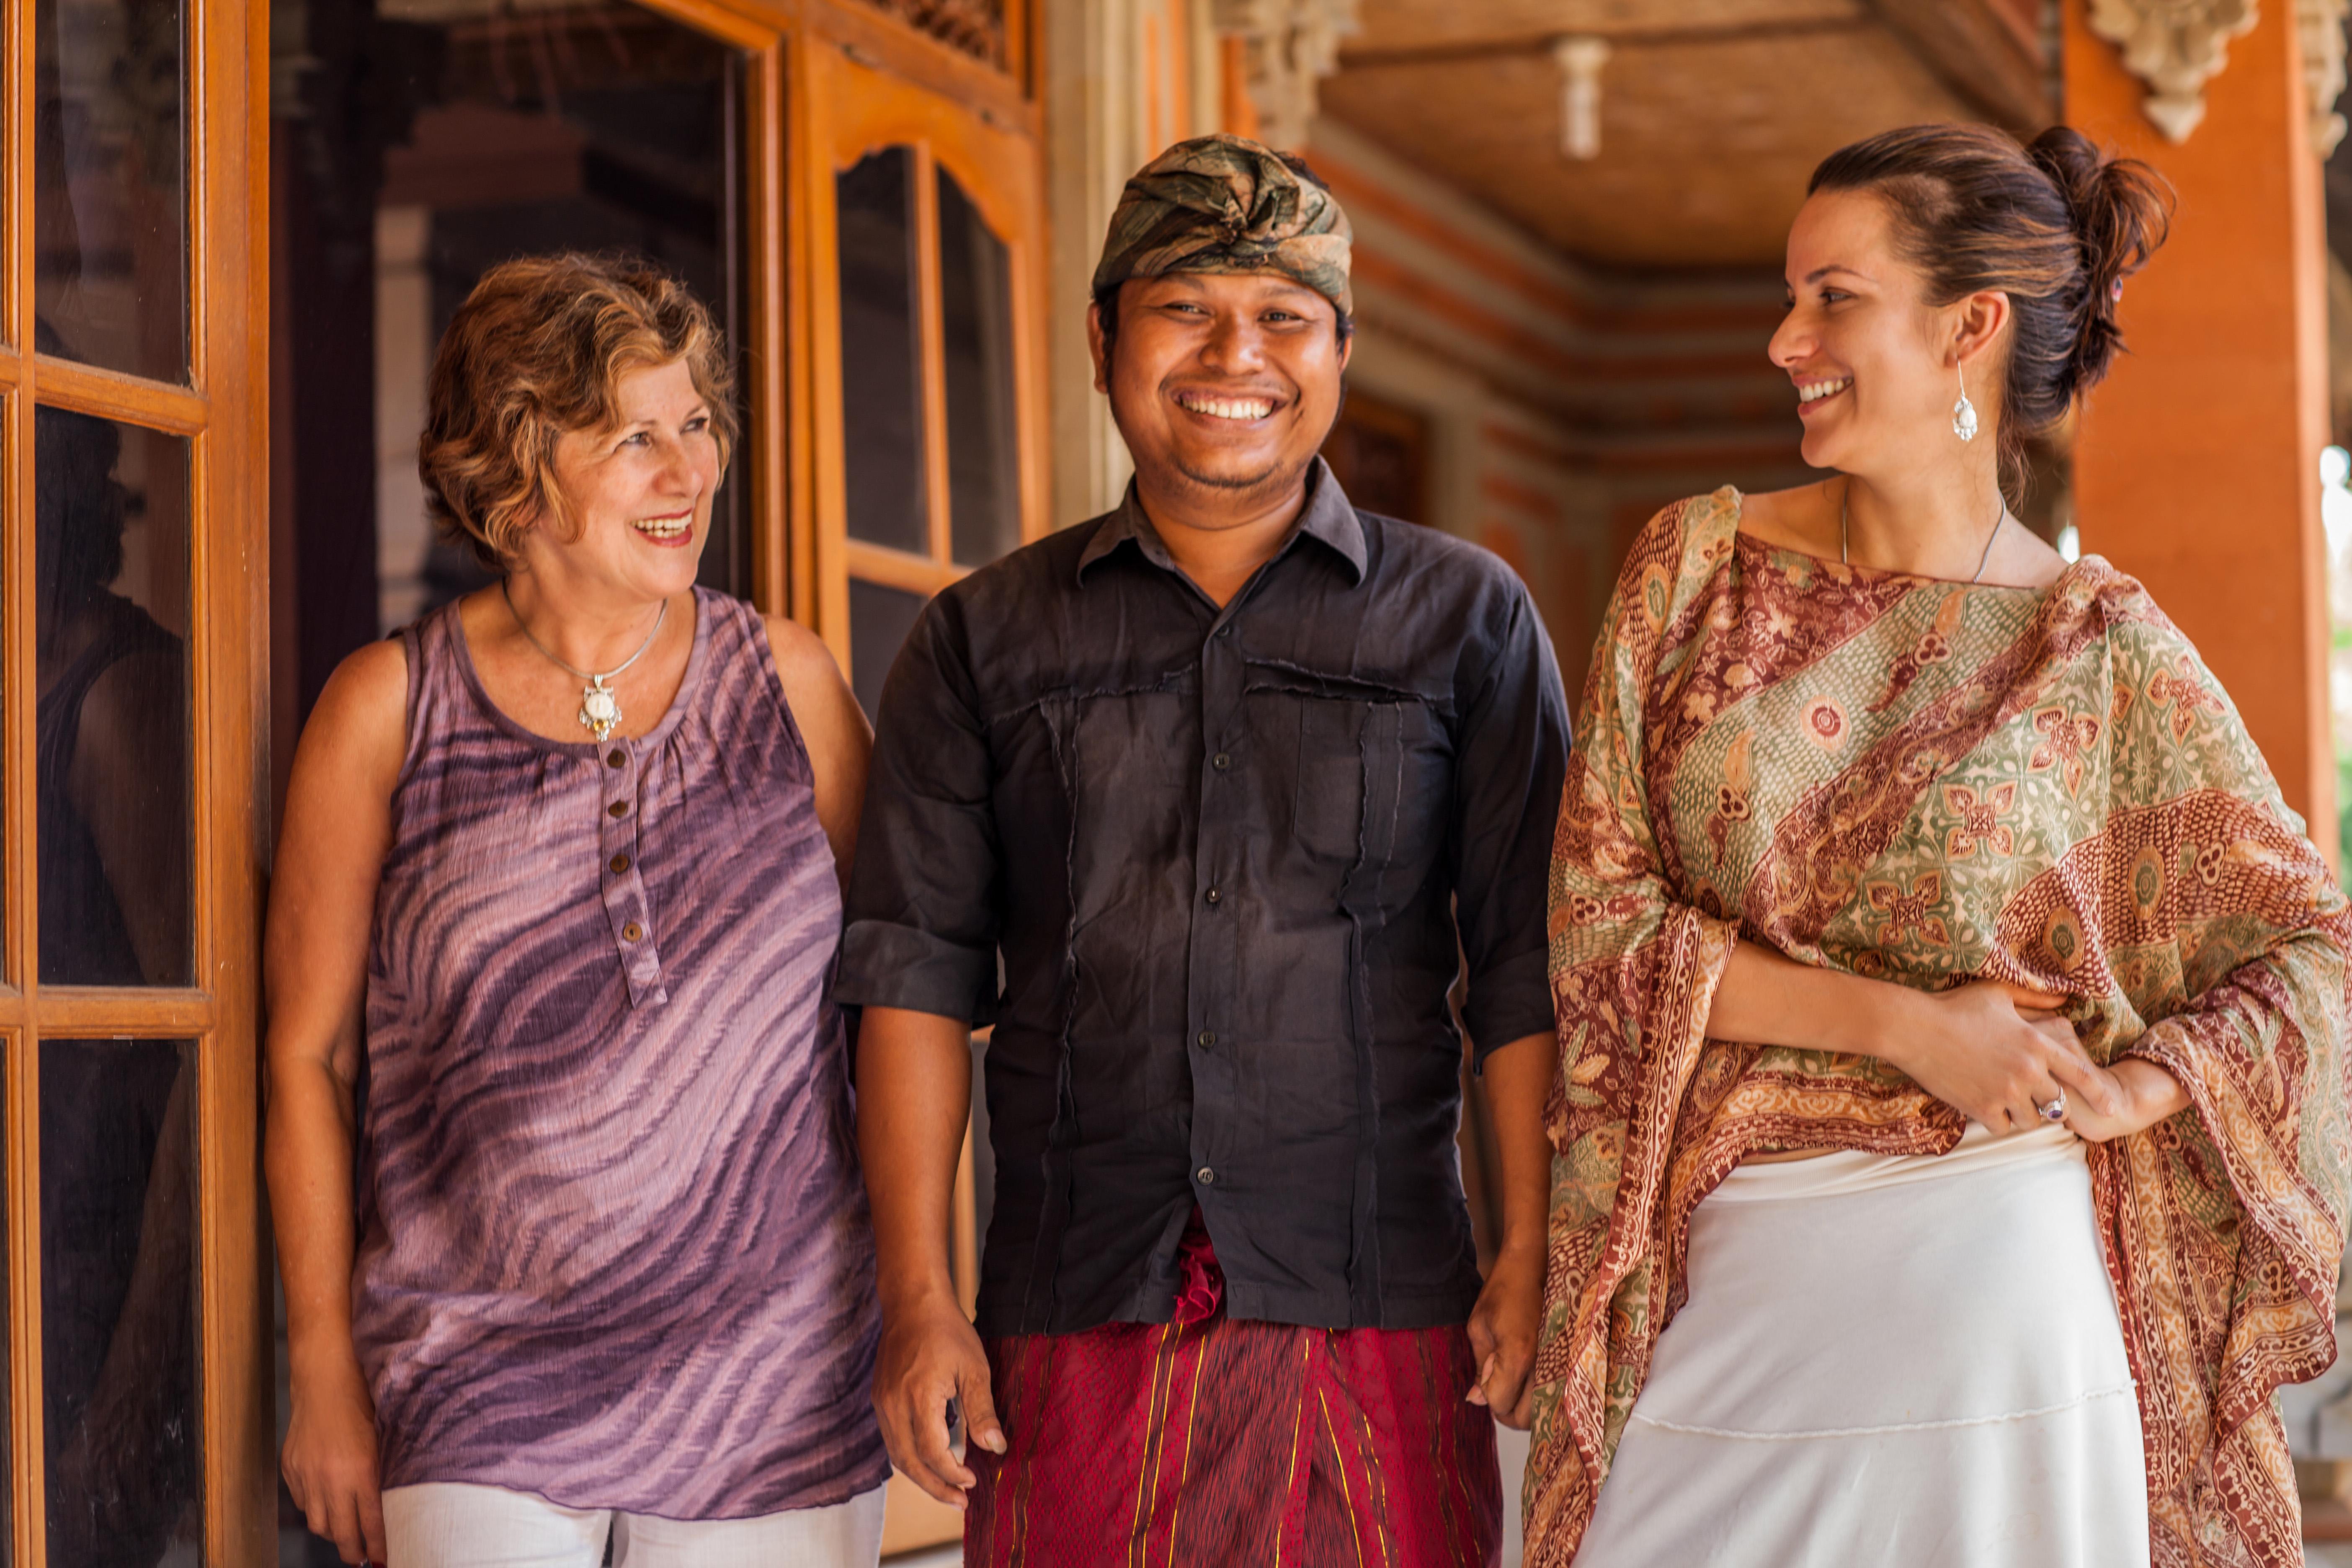 Armenia with Mina in Bali, meeting jewelry artisan Buana